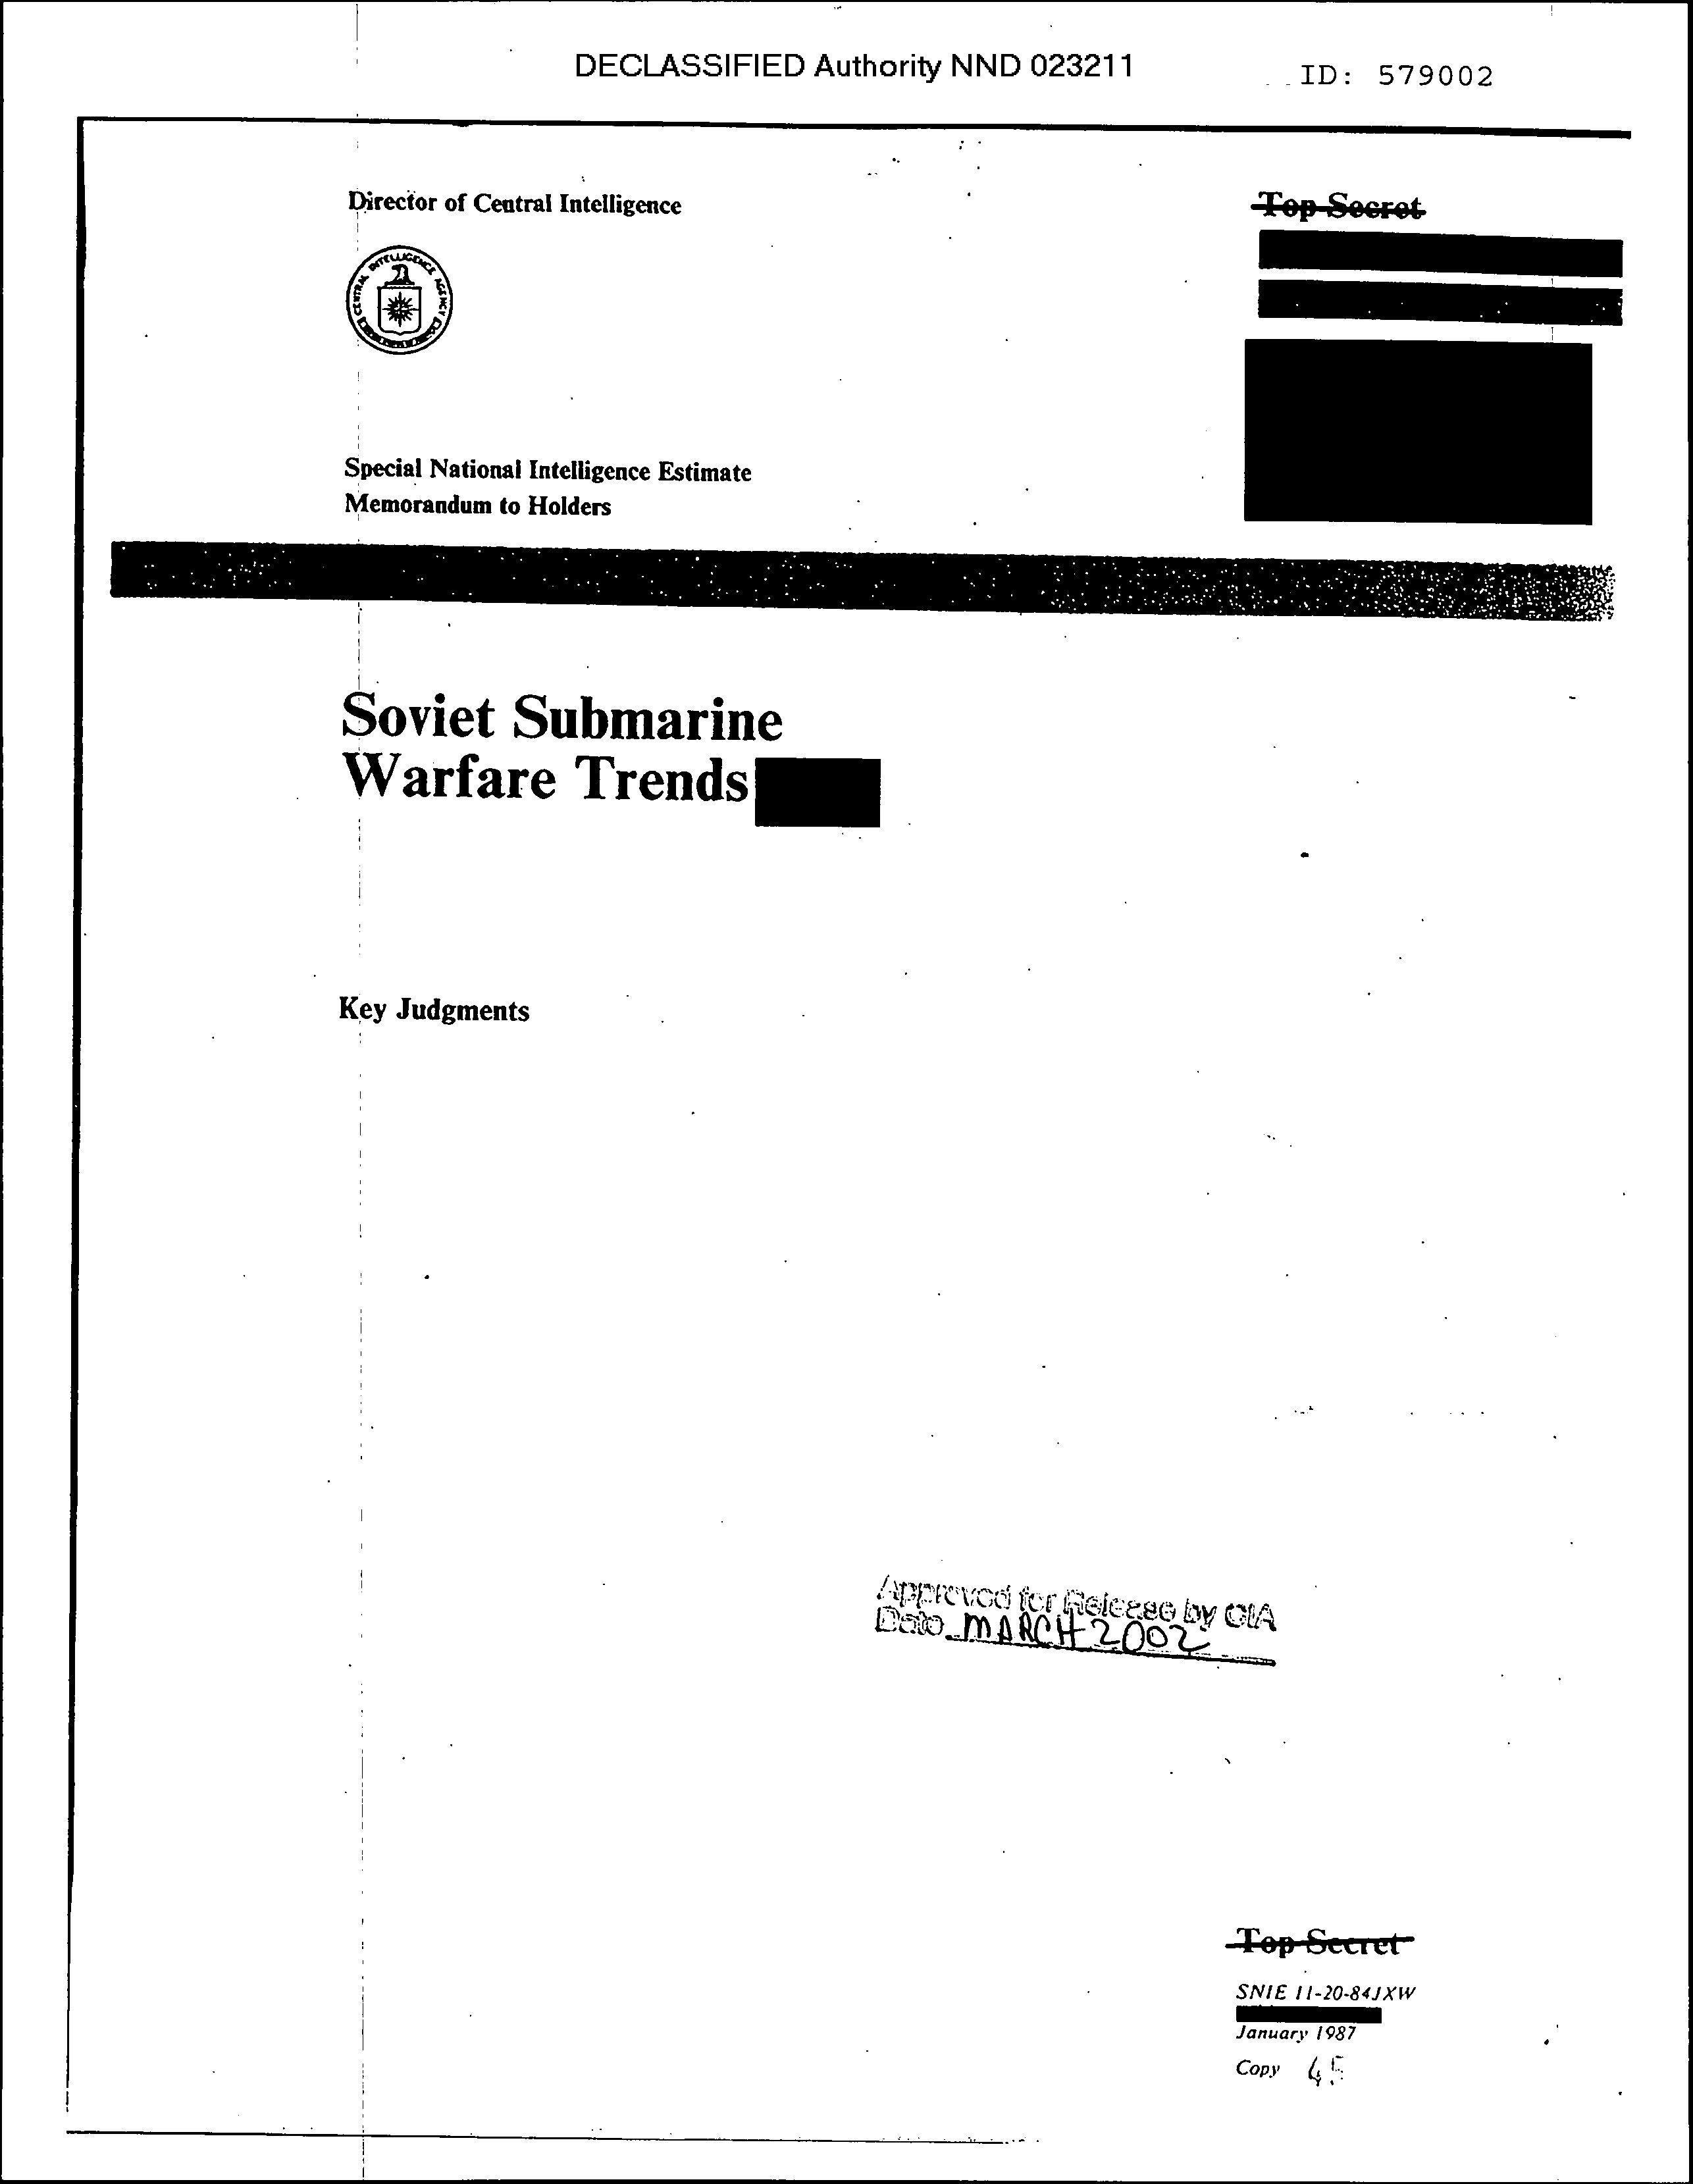 SNIE 11-20-84JXW, Jan 87, Soviet Submarine Warfare Trends